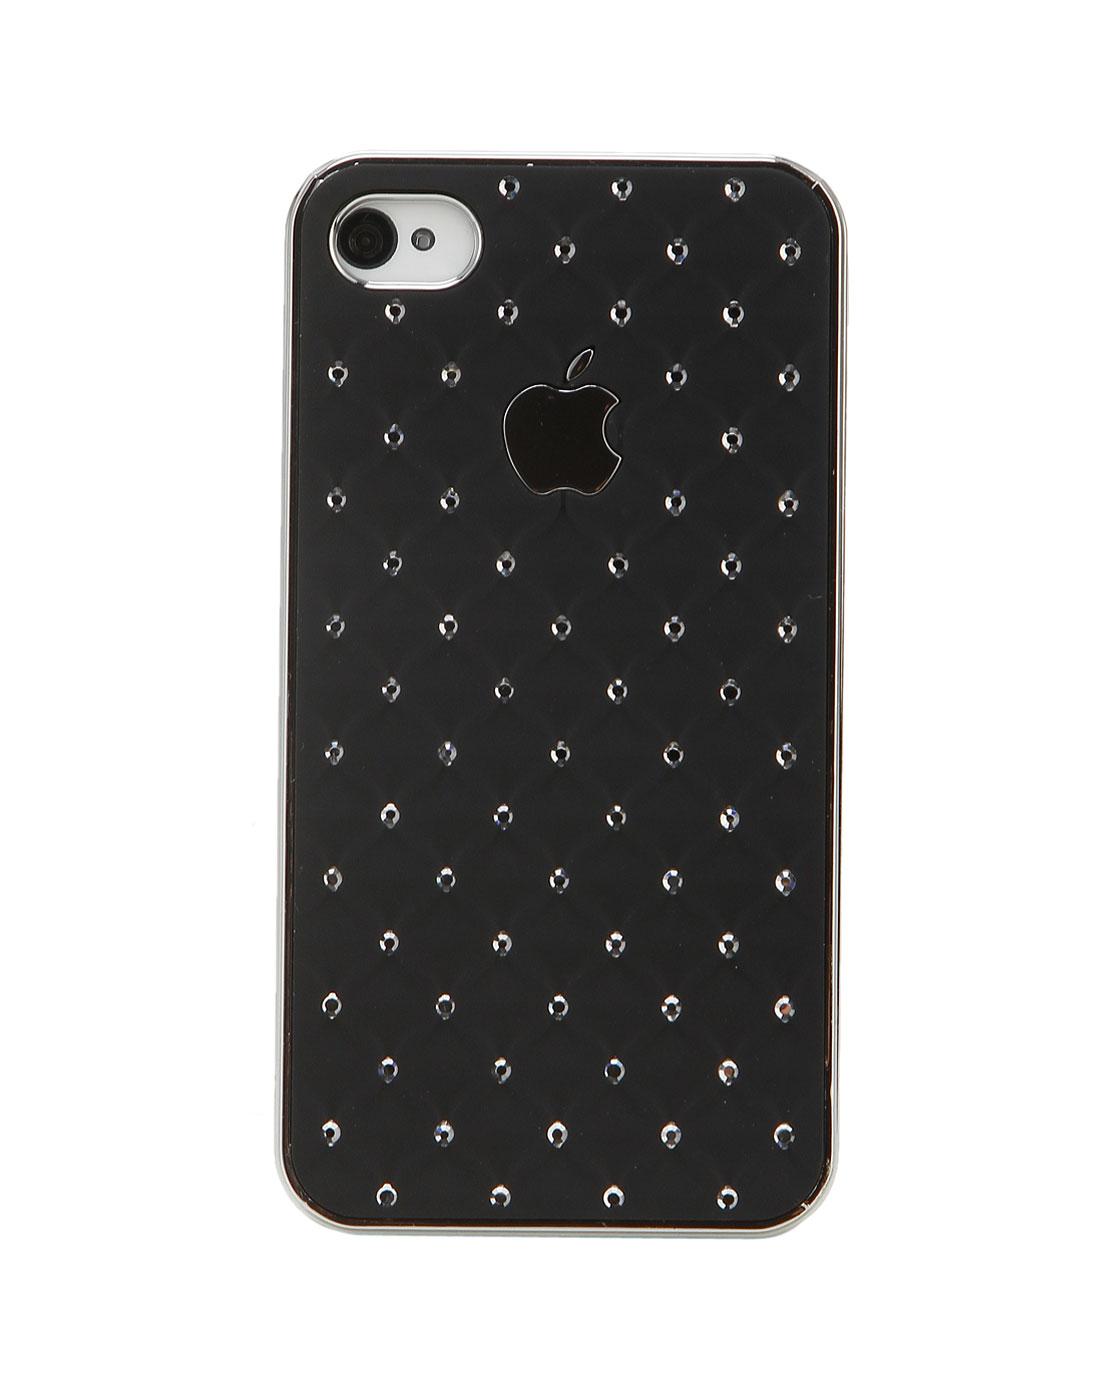 iphone4/4s 黑色彩钻手机套